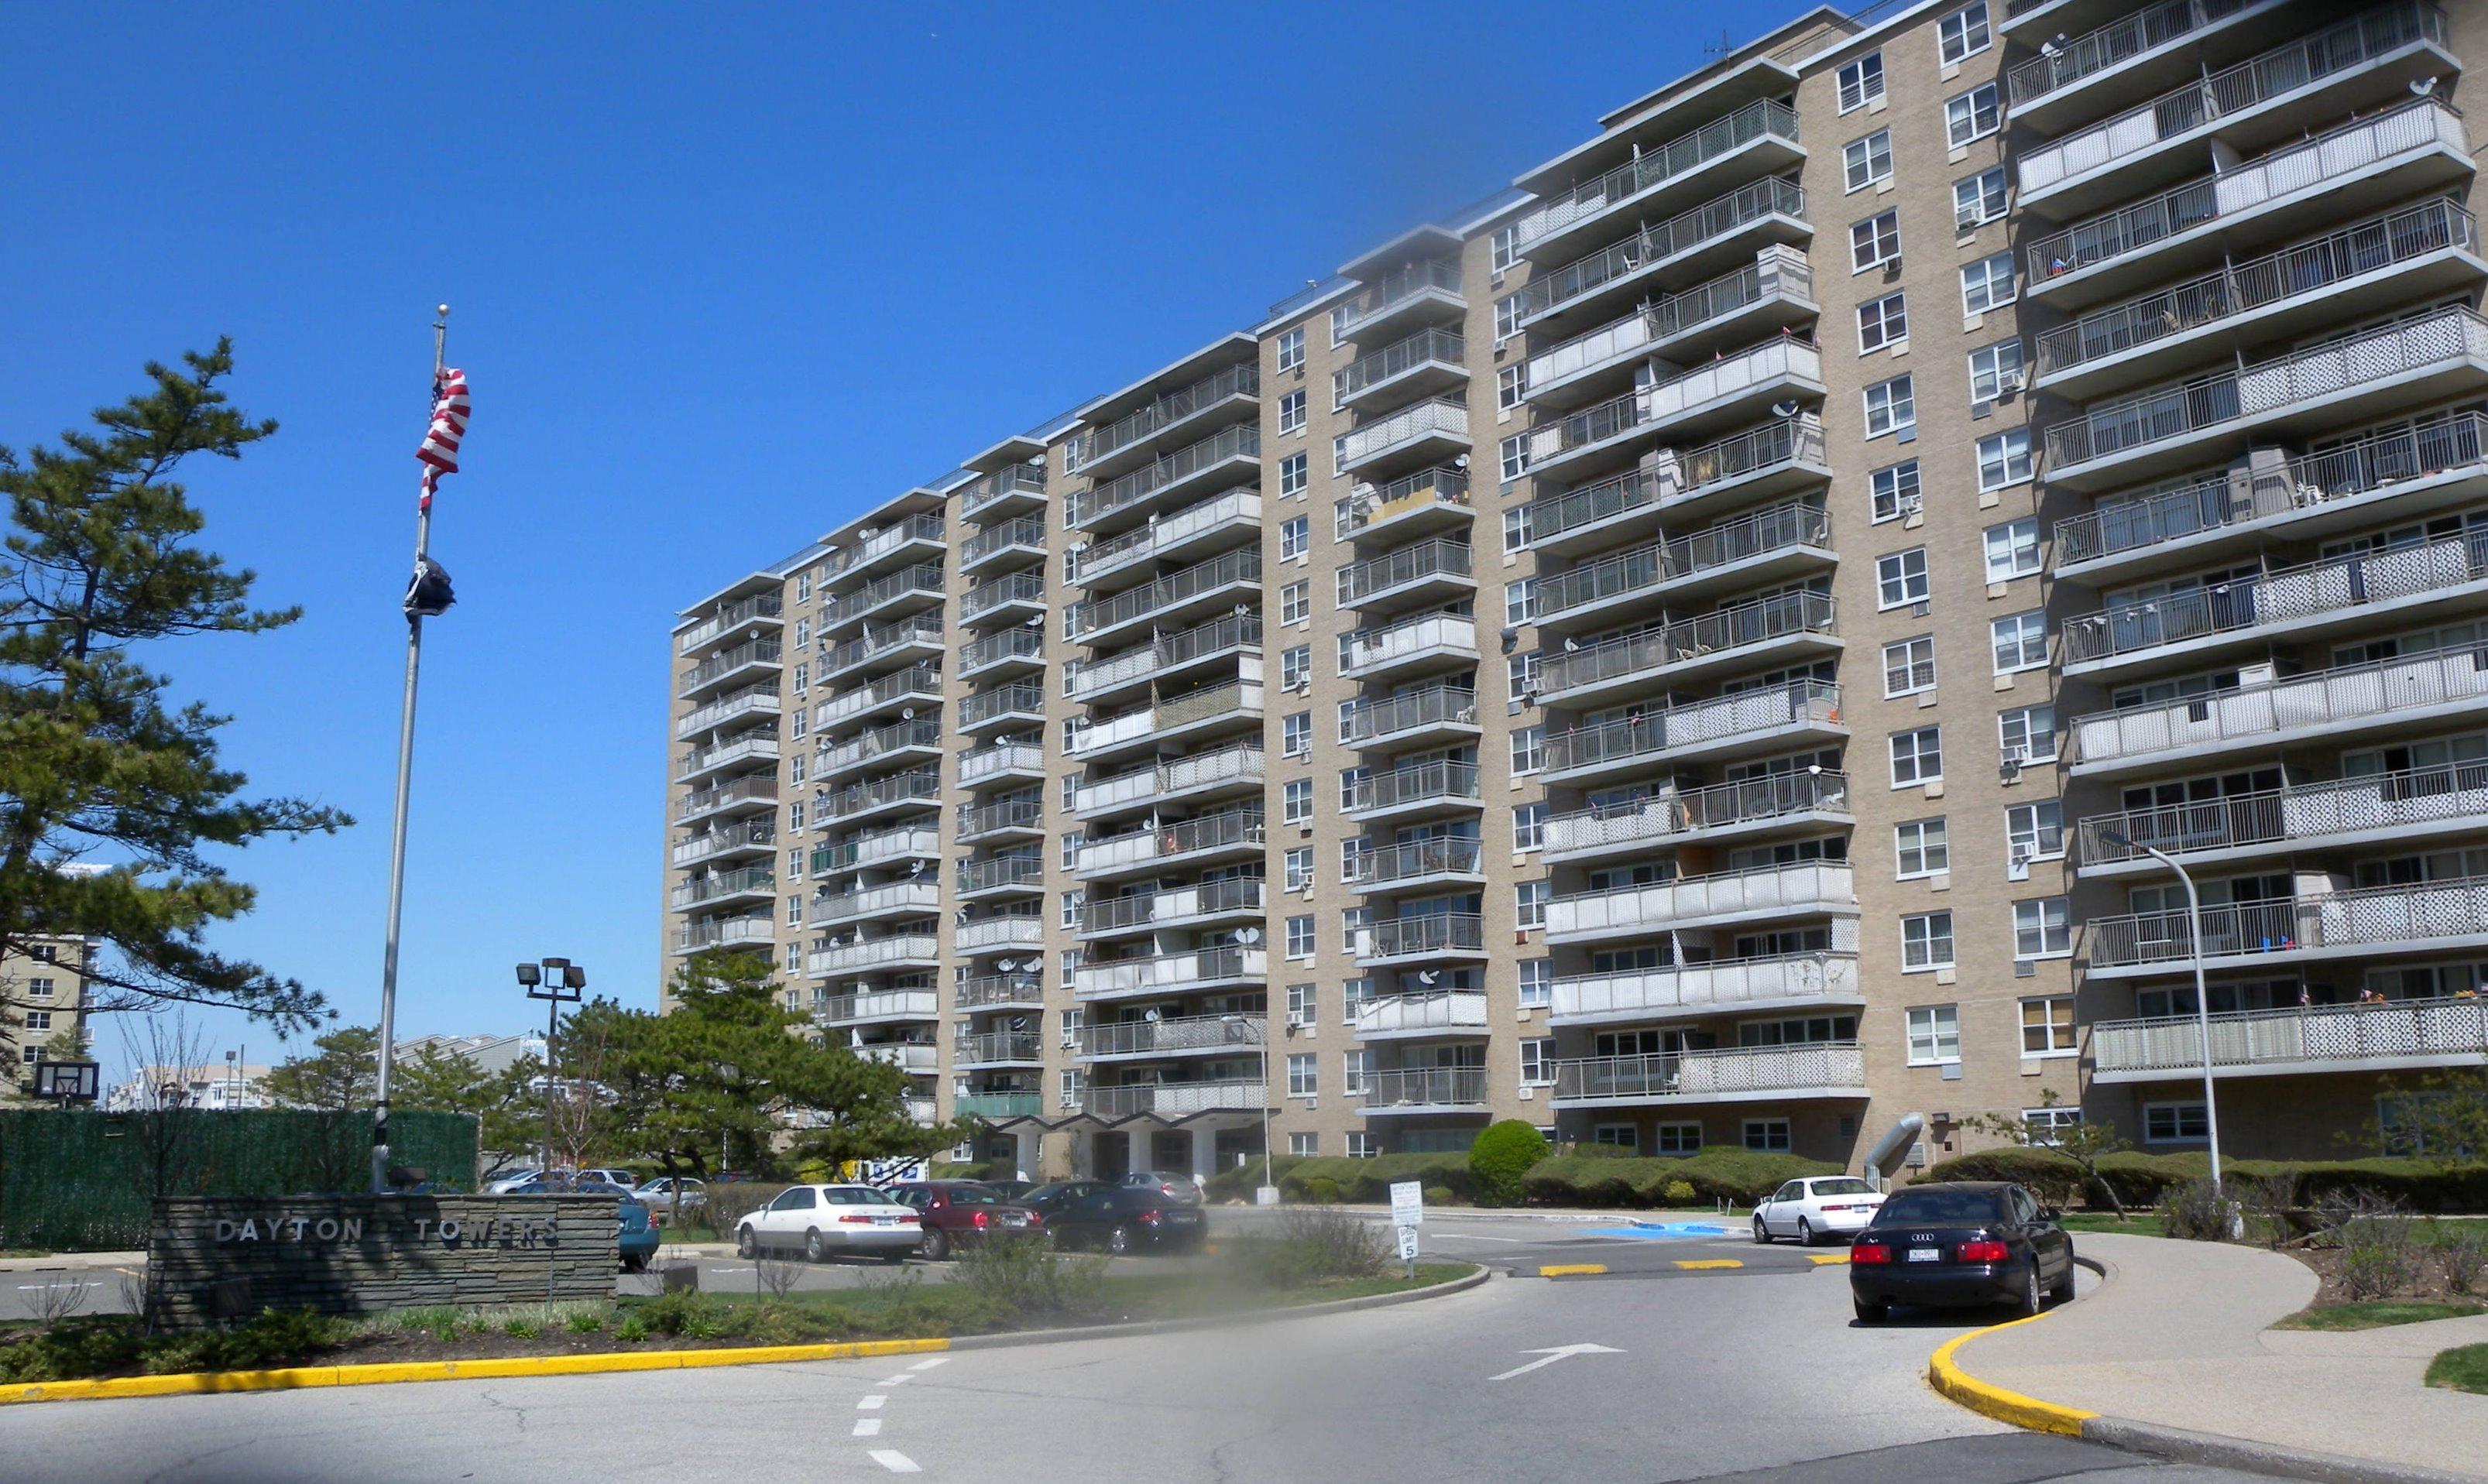 Dayton Towers West Rockaway Beach Ny